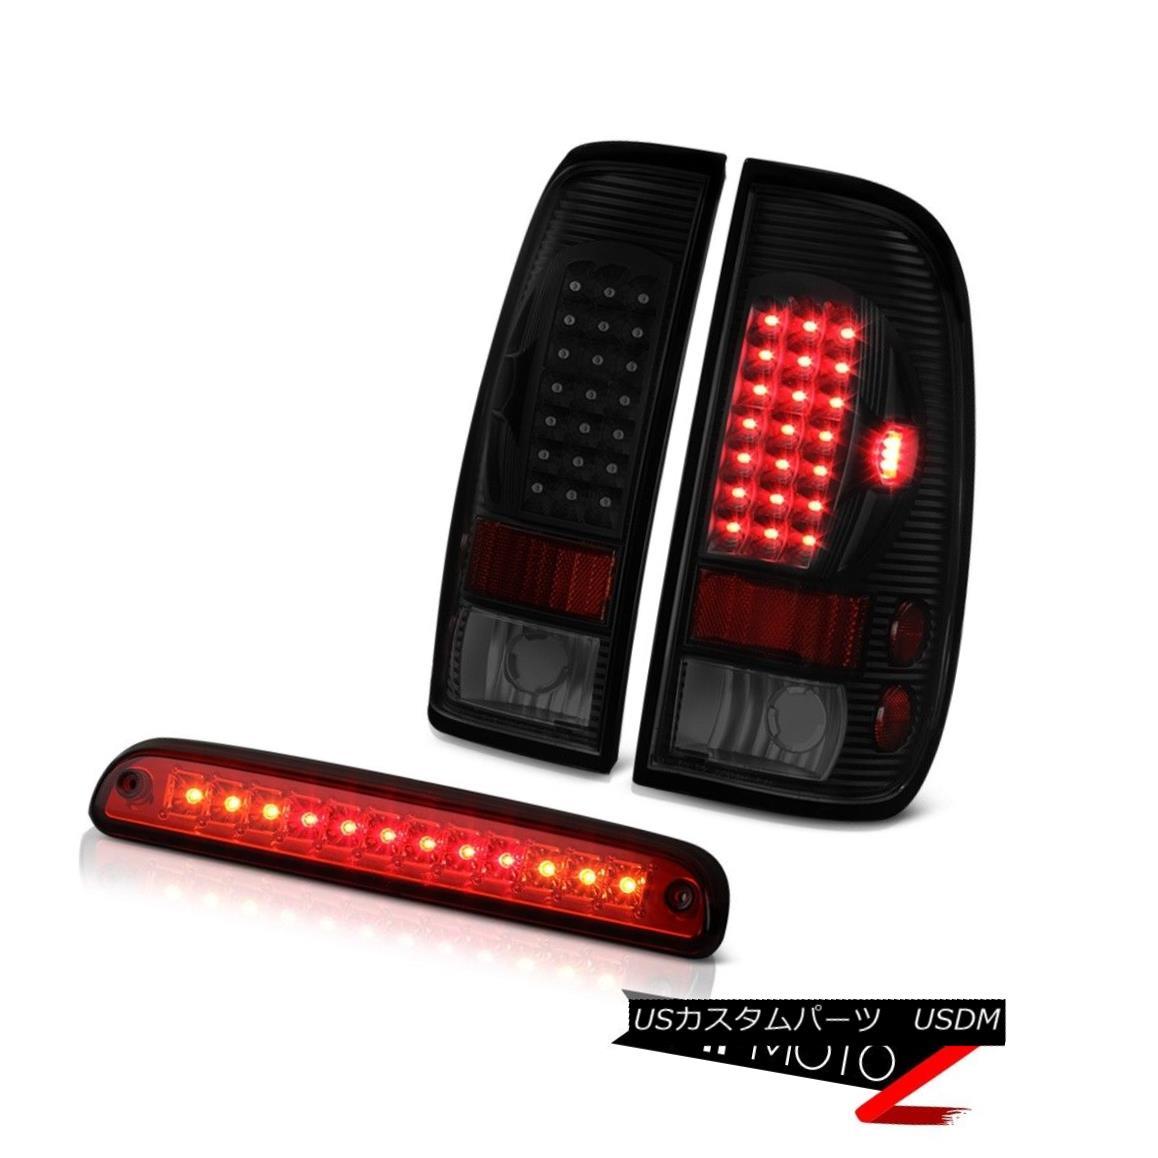 テールライト 99 00 01 02 03 04 F250 5.4L Wine Red 3RD Brake Lamp Dark Tinted Taillights LED 99 00 01 02 03 04 F250 5.4Lワインレッド3RDブレーキランプダークティテッドティアライトLED